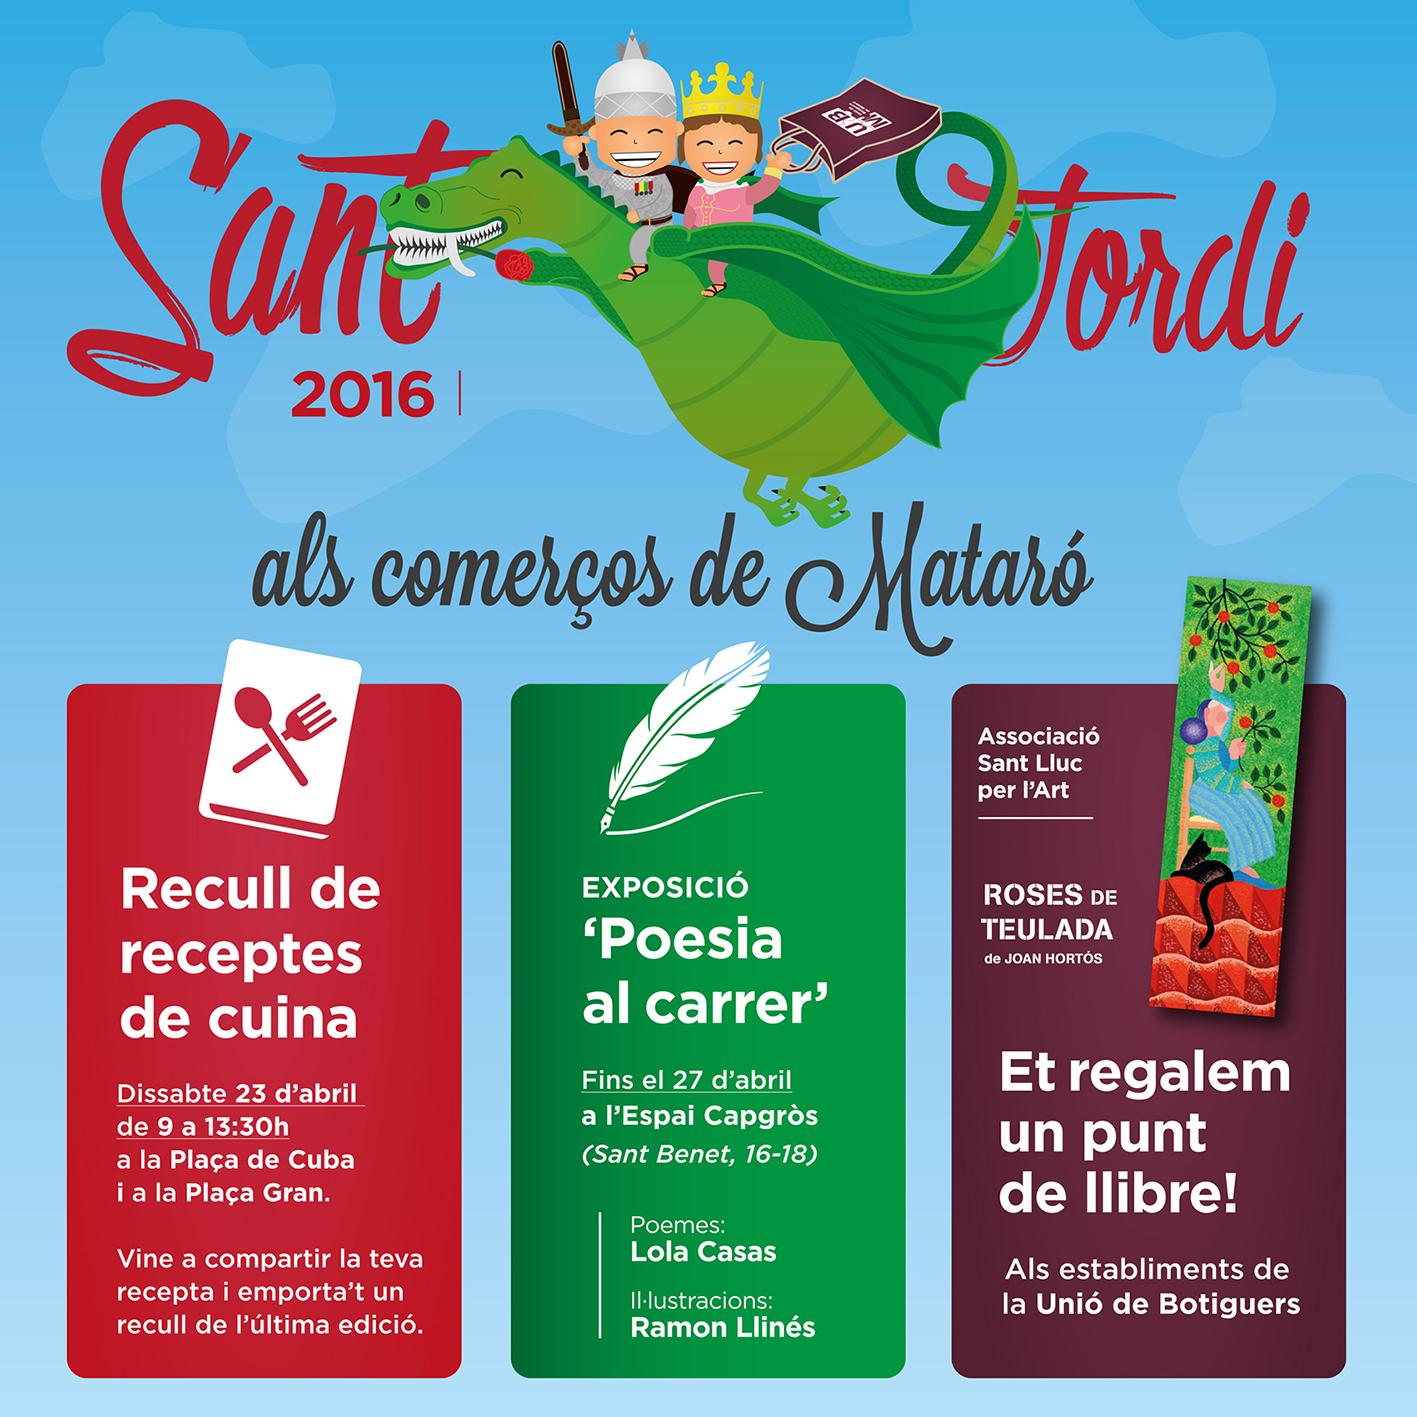 El Sant Jordi Arriba Als Comerços I Mercats De Mataró!